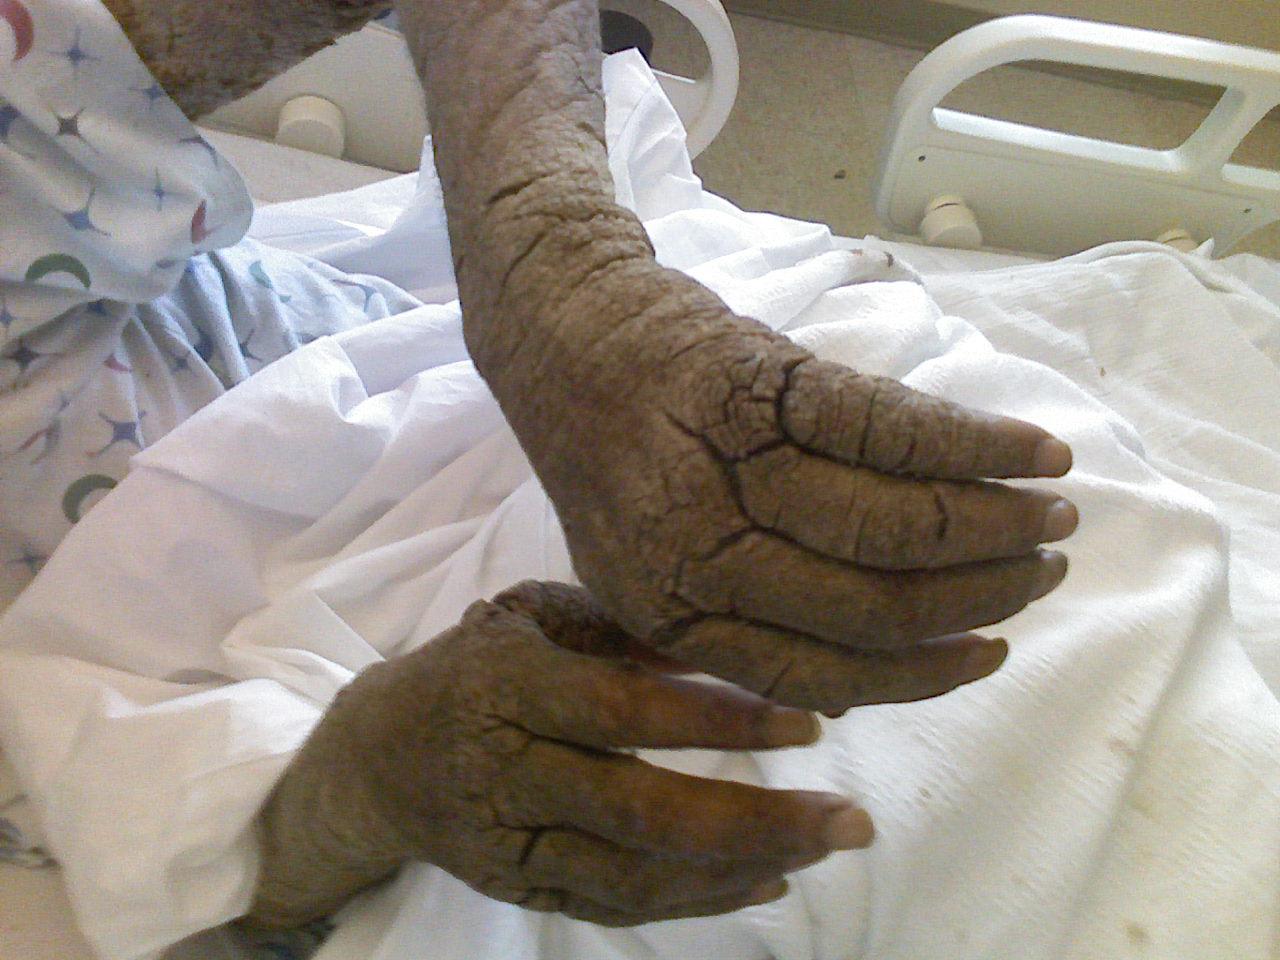 Repedezett bőr az ujjak a kéz pikkelysömör